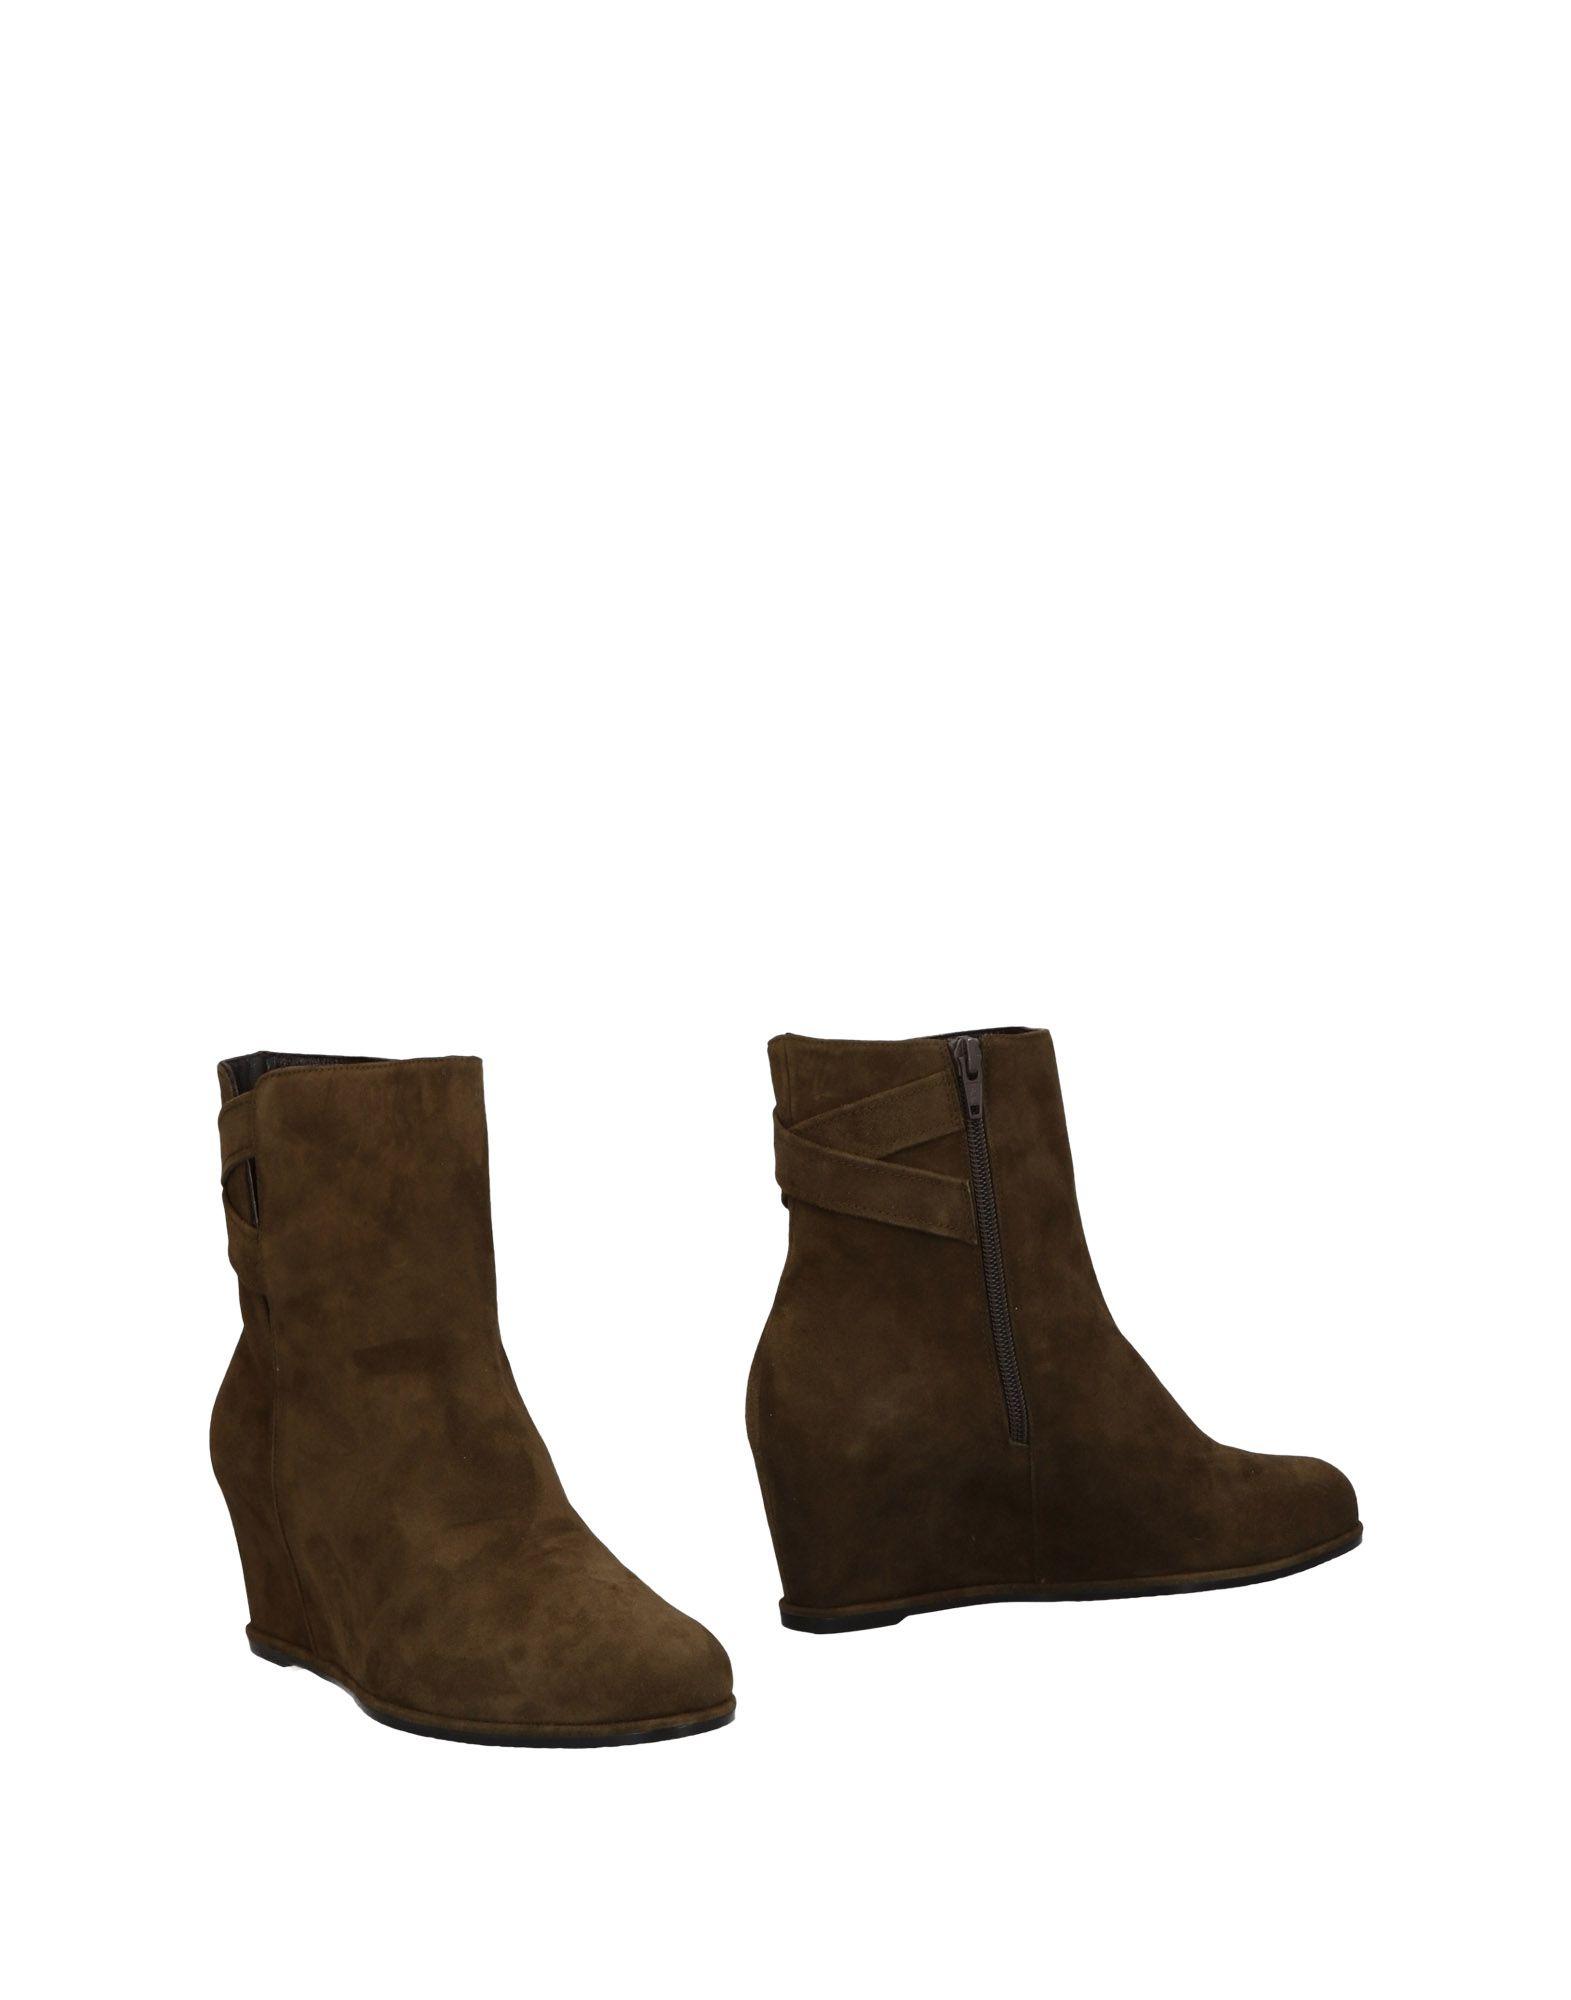 Stuart Weitzman Stiefelette Damen  11472389EAGünstige gut aussehende Schuhe